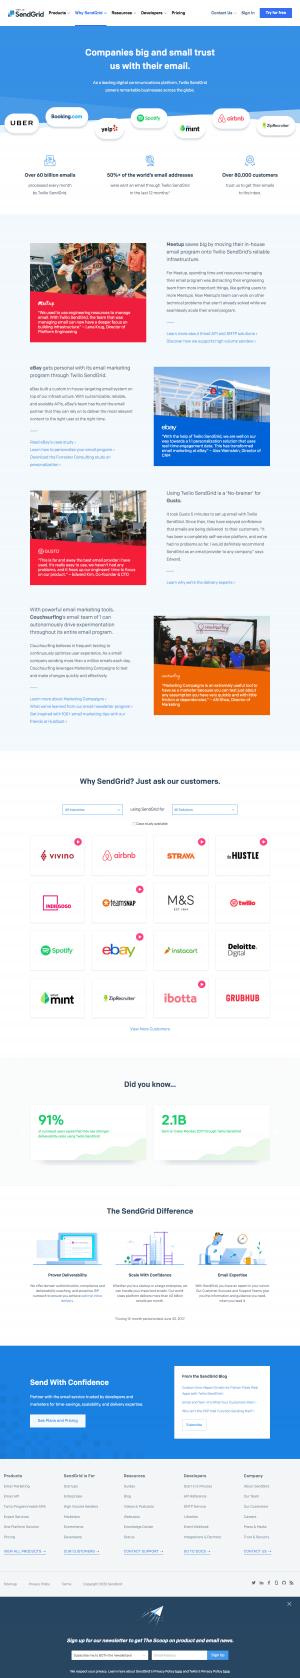 SendGrid – Customers page 1